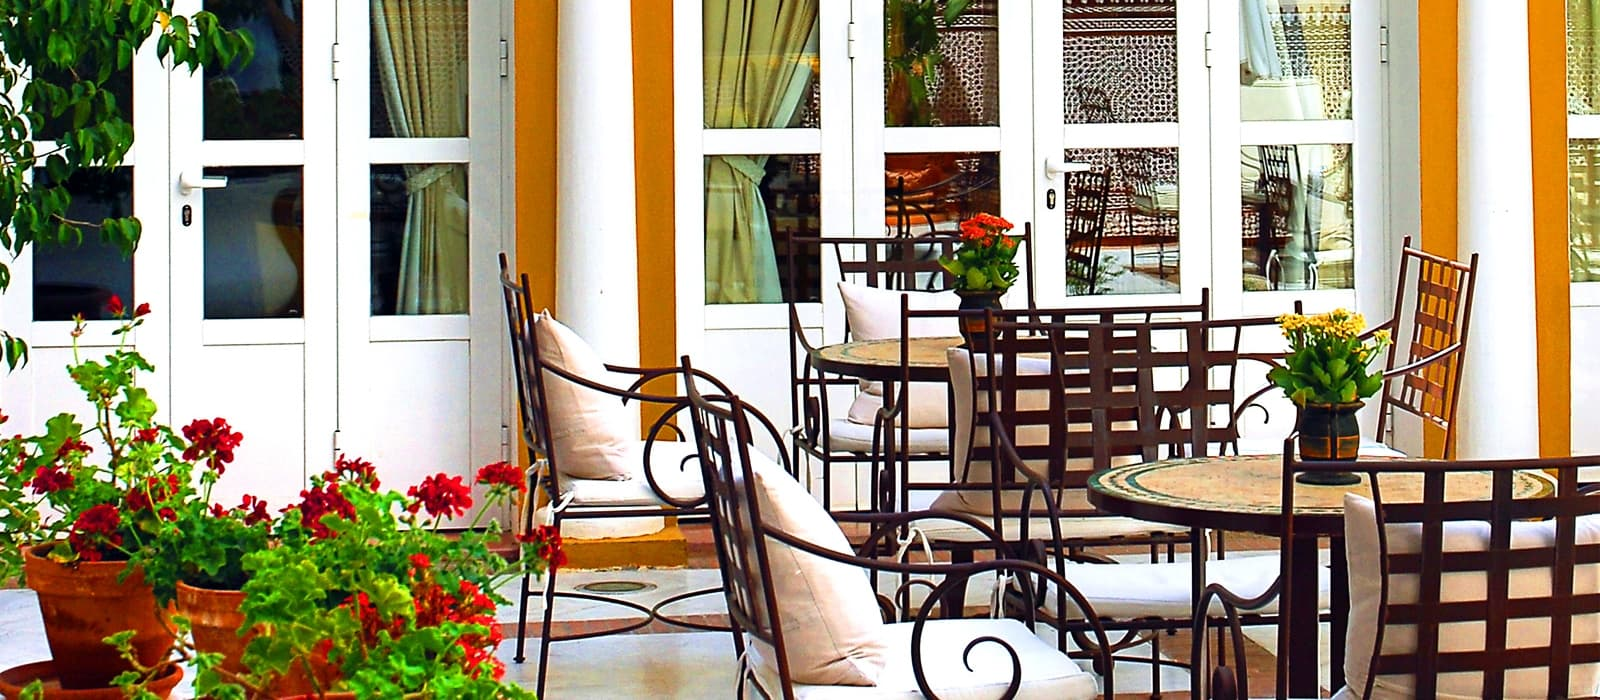 Hotel Sevilla La Rábida - Vincci Hotels